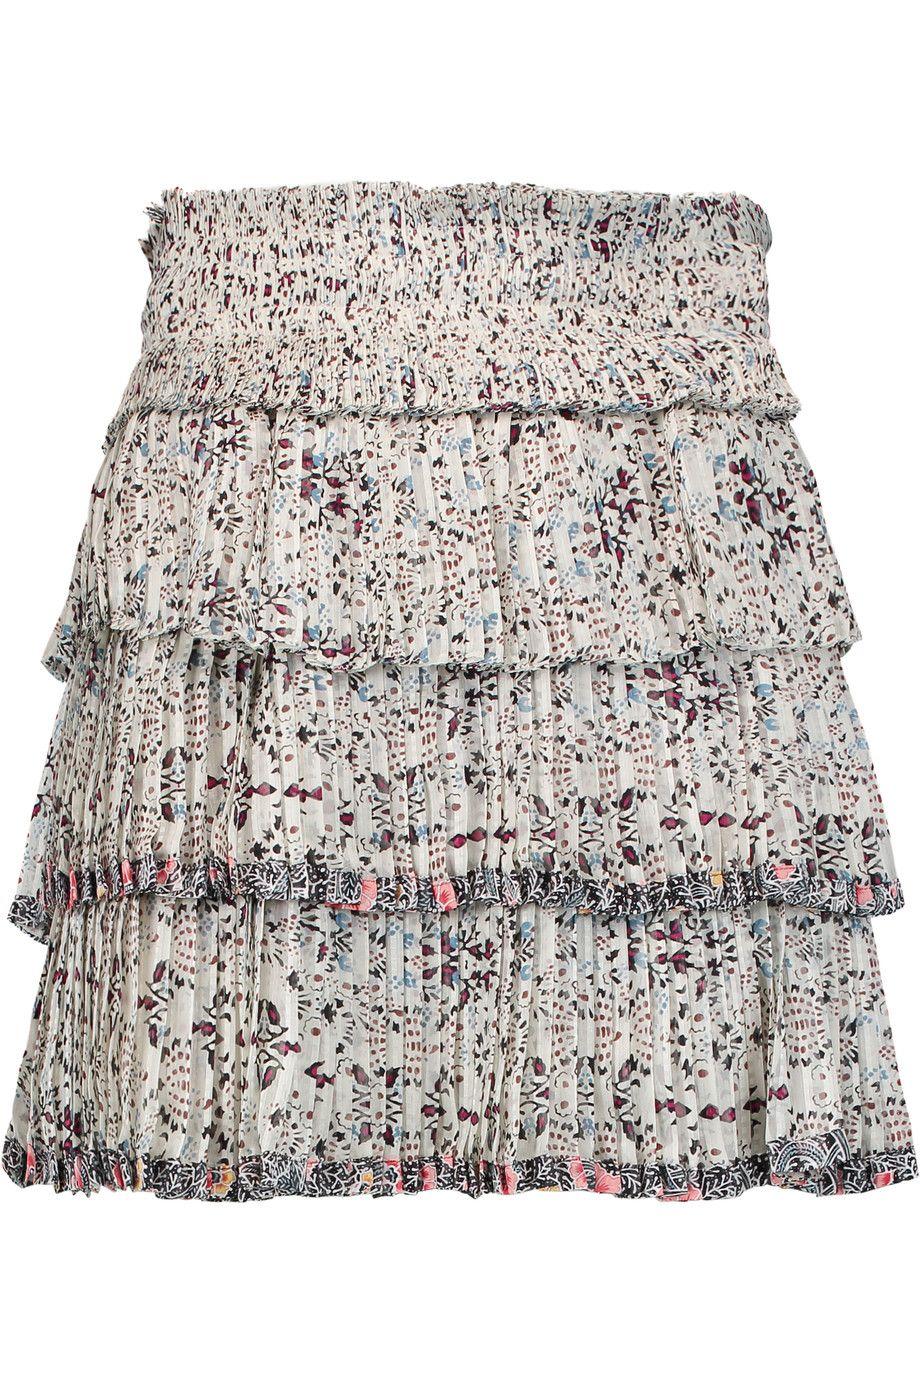 ISABEL MARANT Alicia Pleated Printed Silk Mini Skirt. #isabelmarant #cloth #skirt